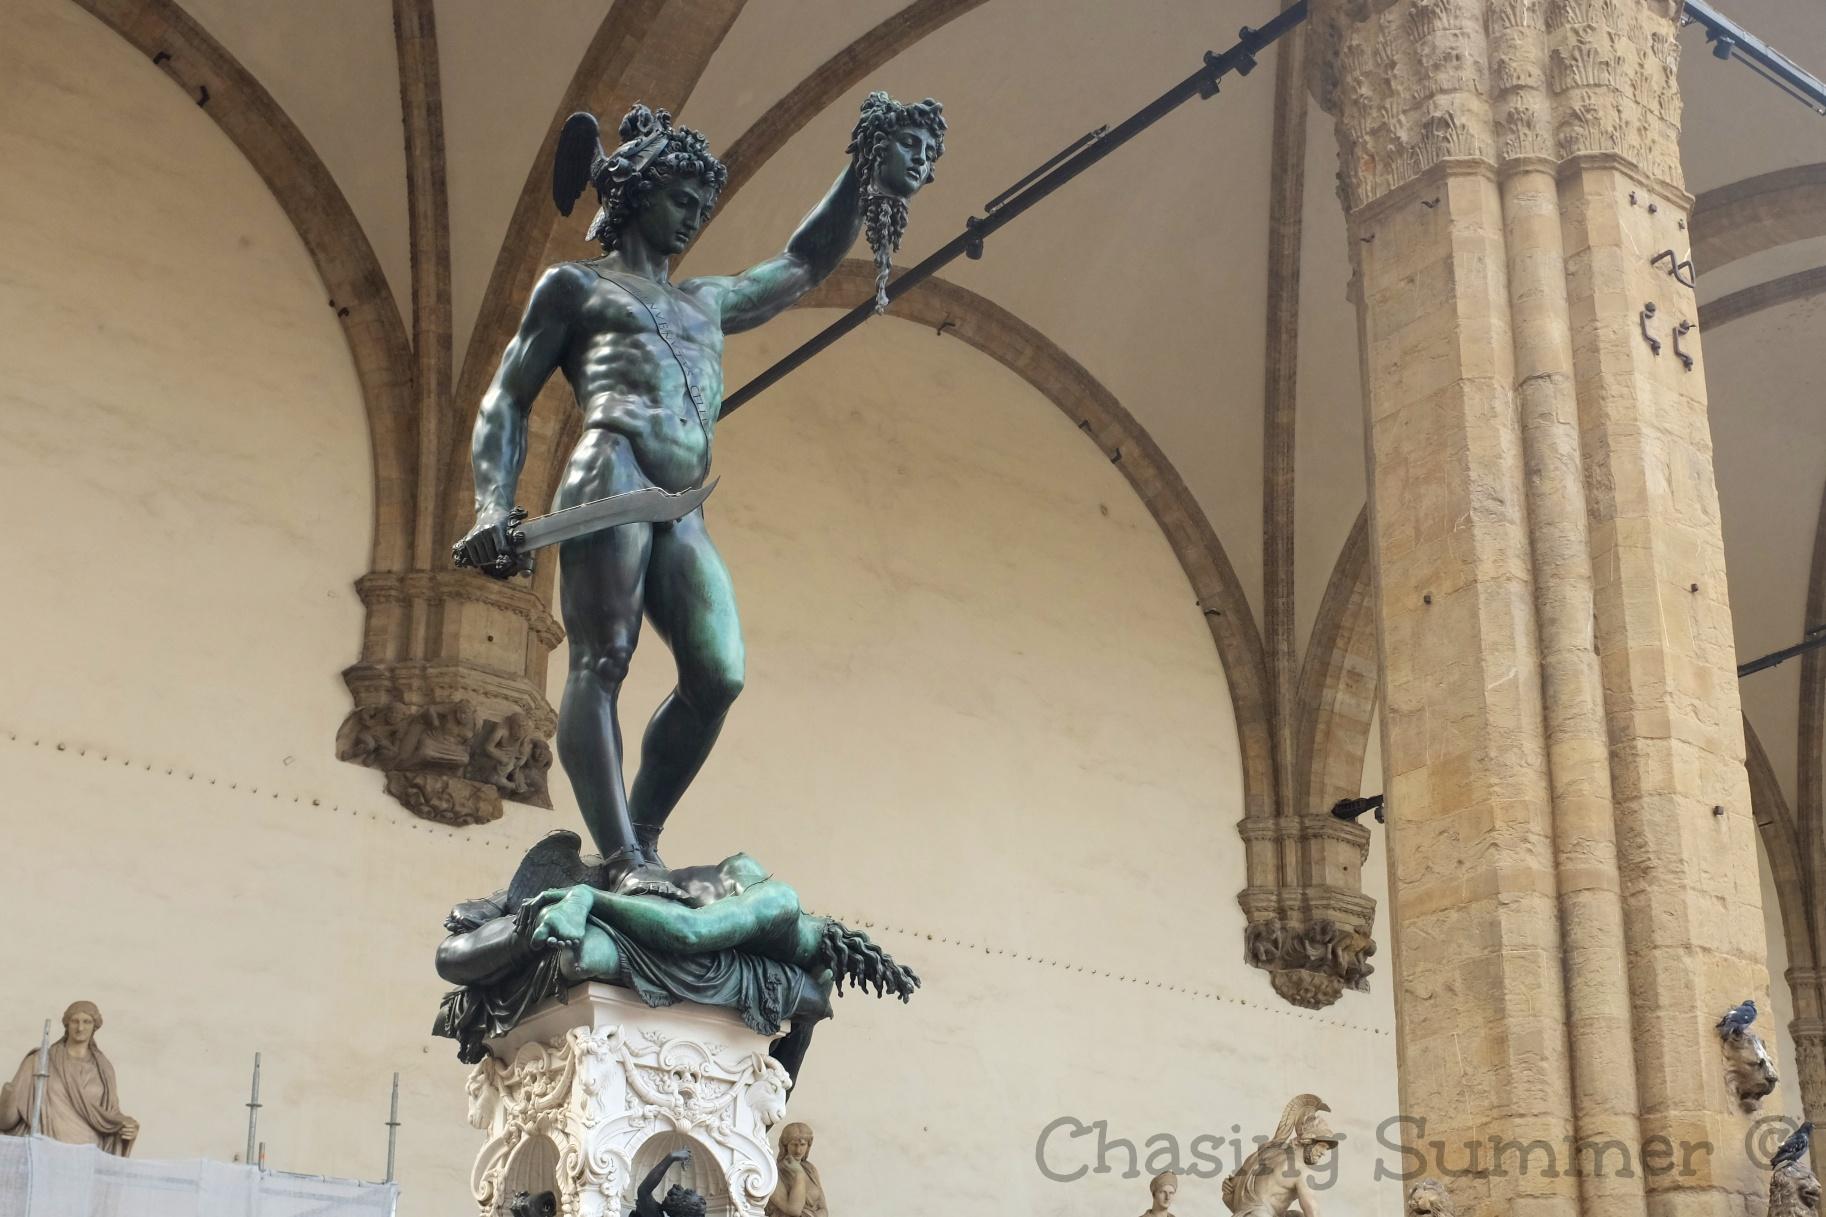 Benvenuto Cellini 's statue  Perseus With the Head of Medusa